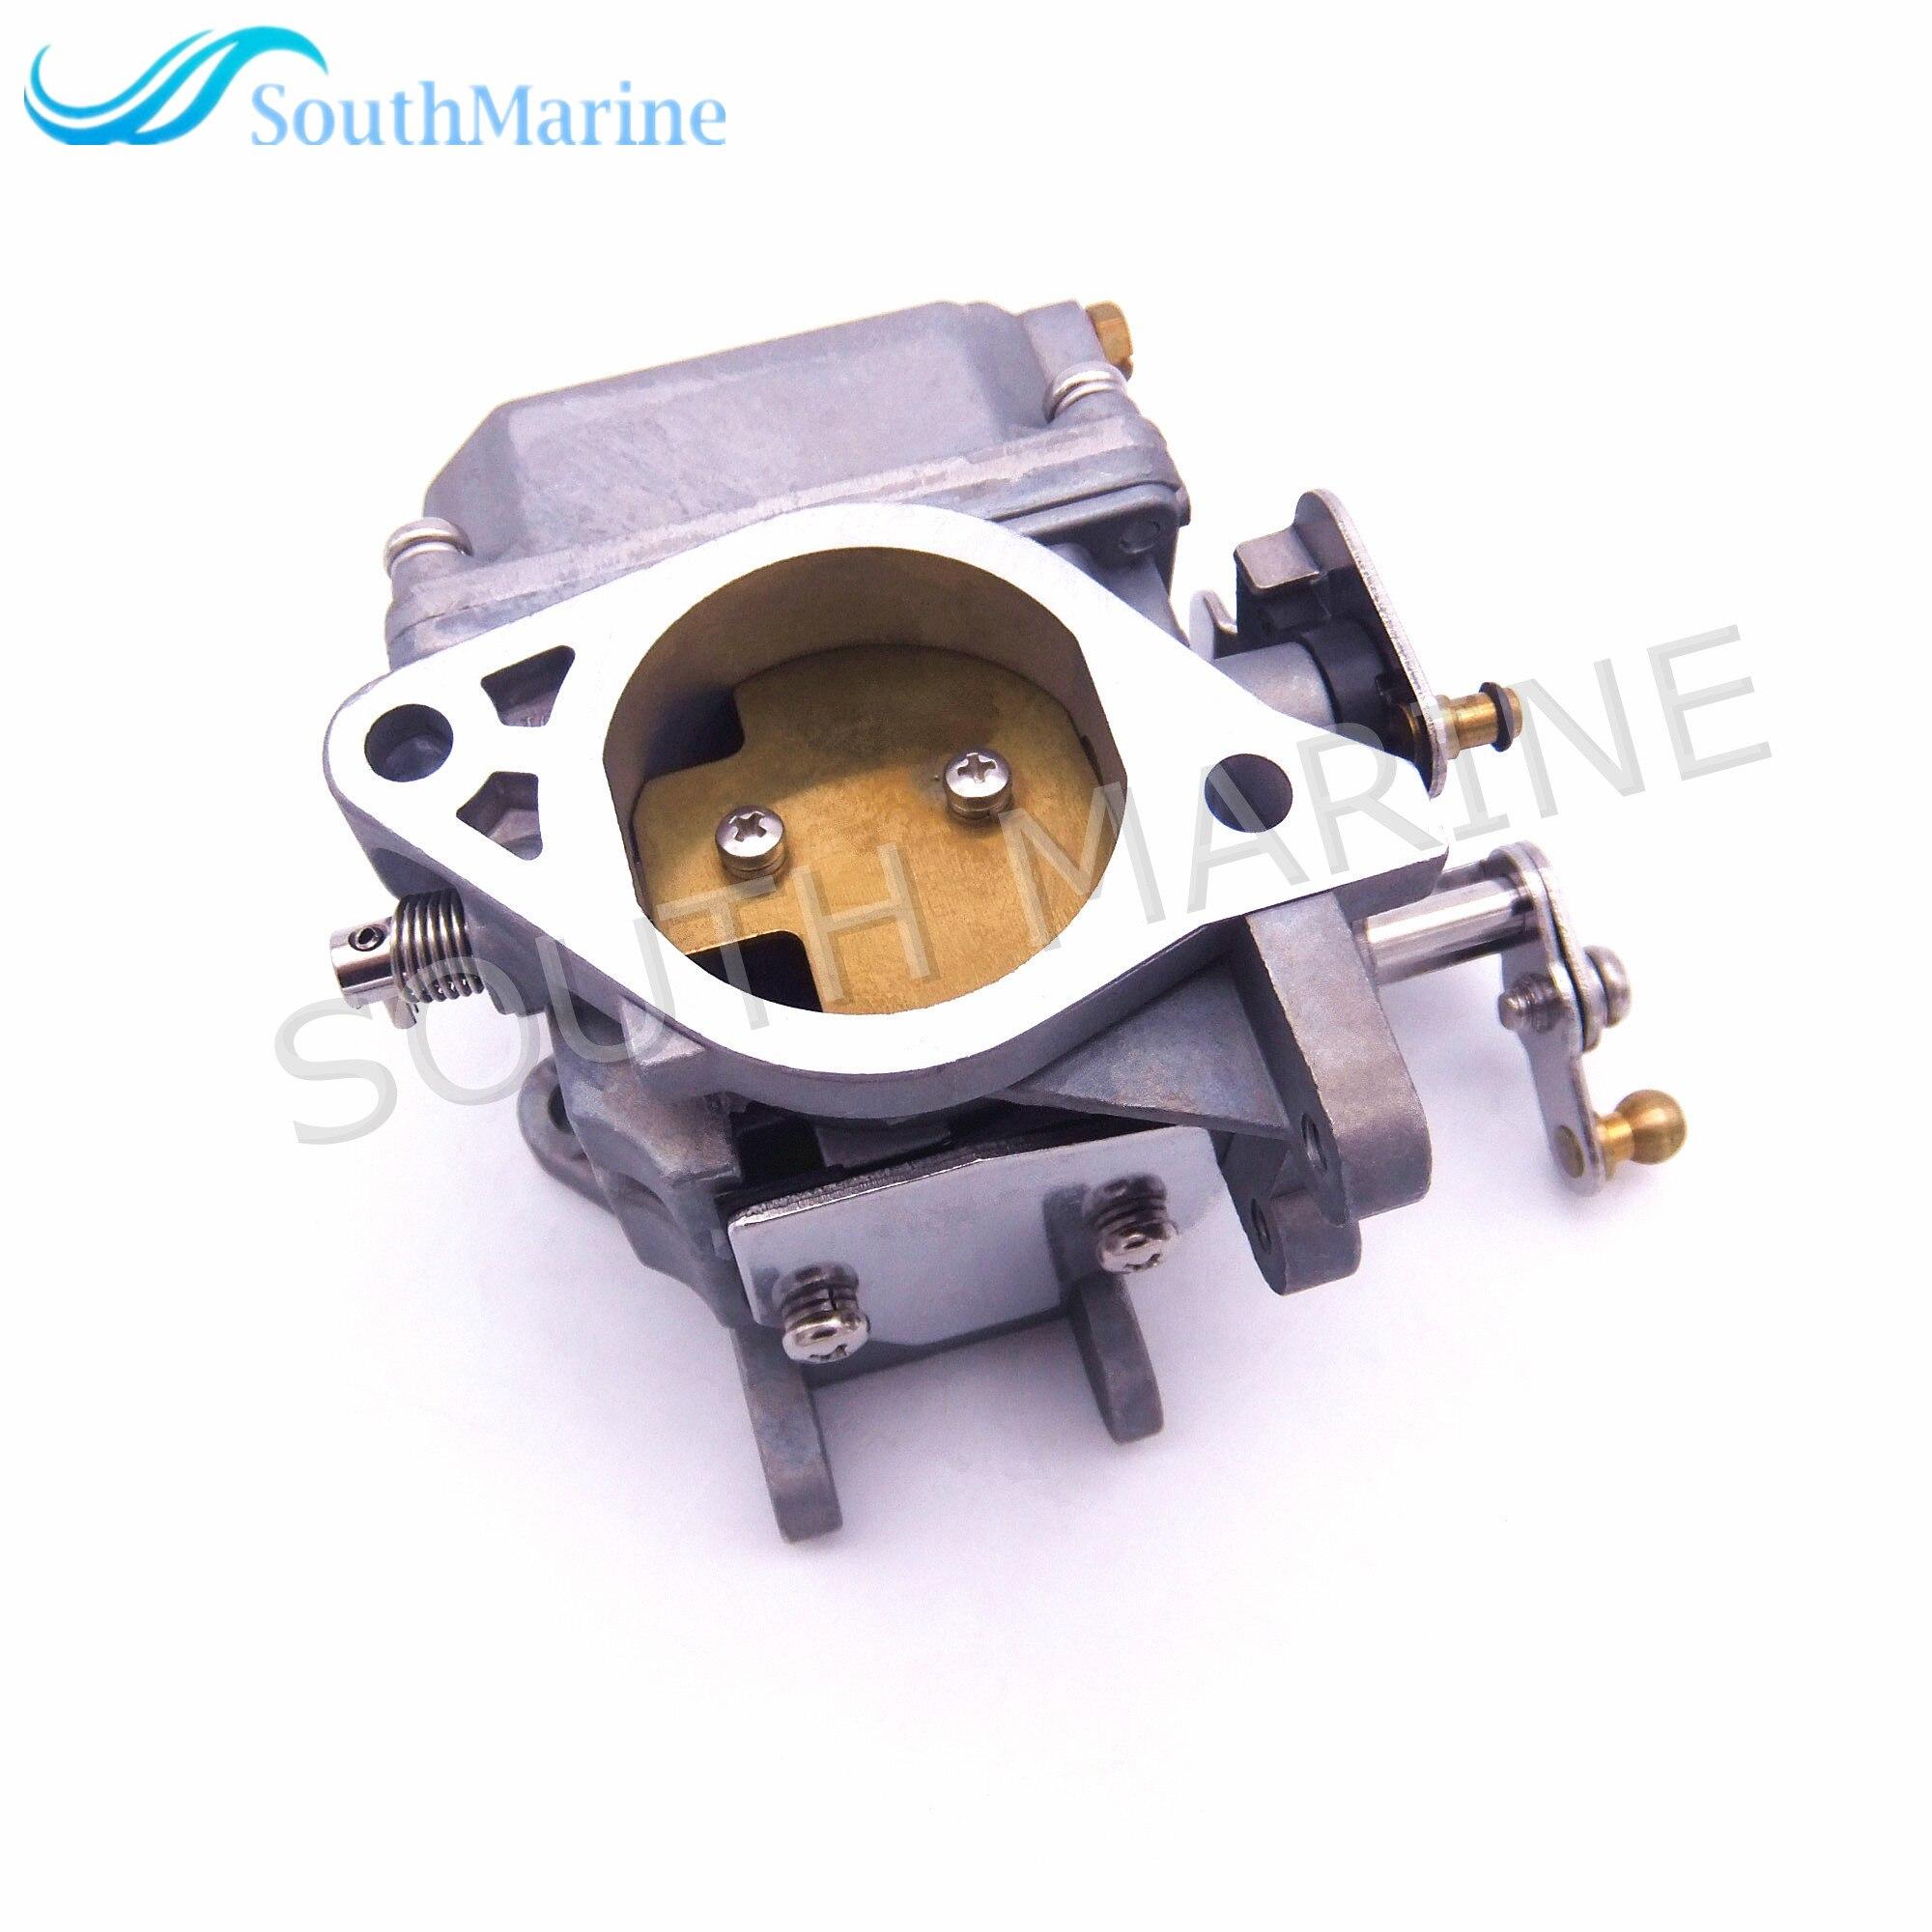 Лодочный мотор Карбюраторный в сборе 69P-14301-00 69S-14301-00 для ЛС 2-х тактный E25B E30H 25Б 30Ч